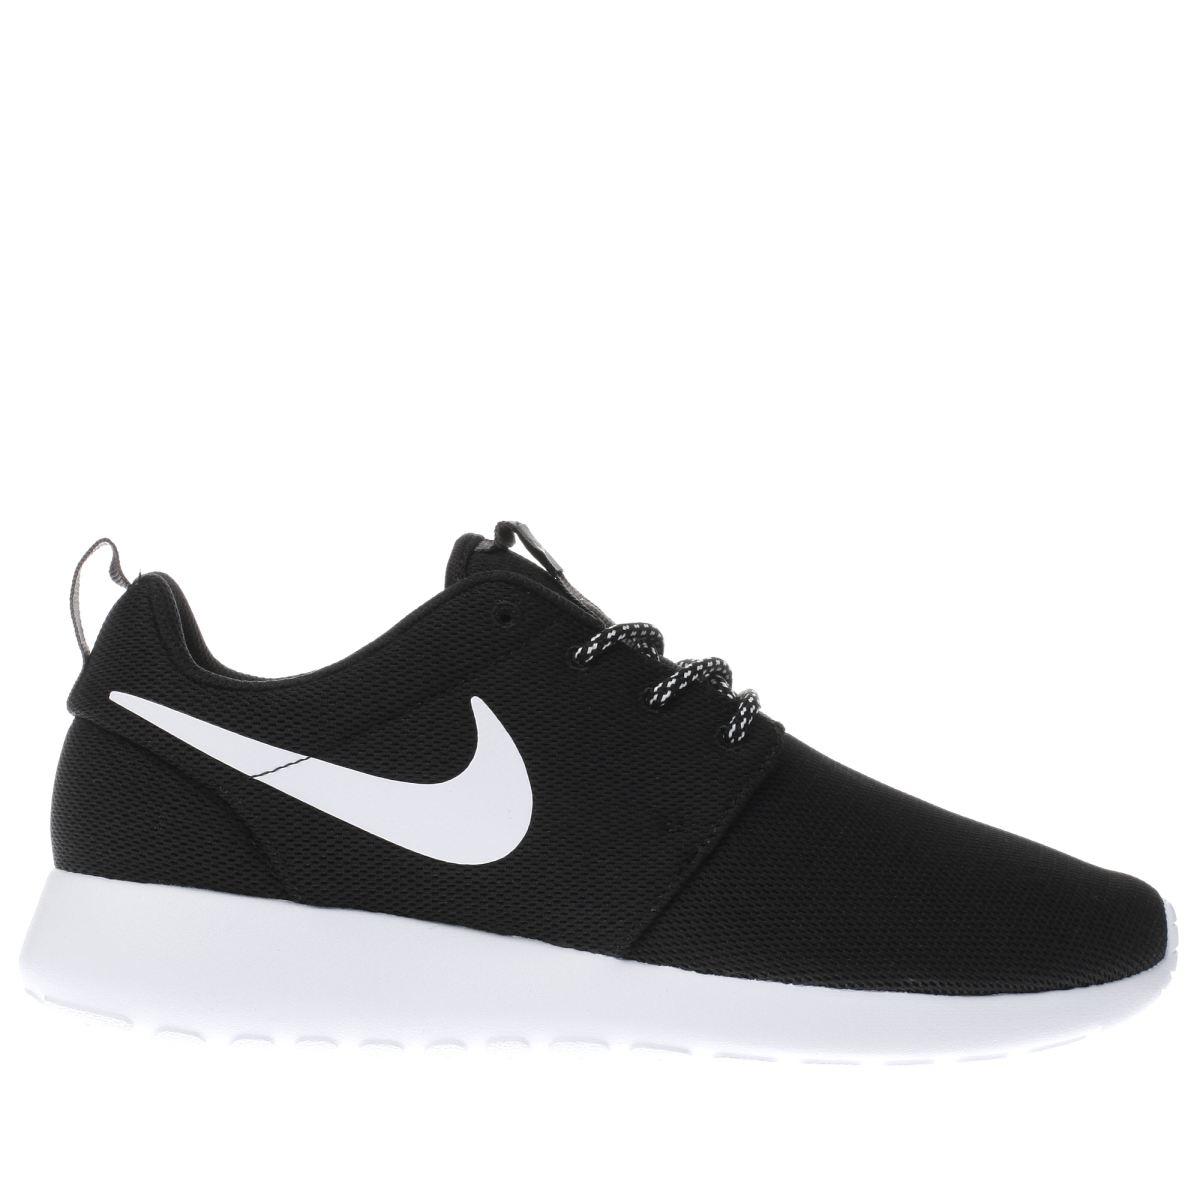 black nike trainers nike black u0026 white roshe one womens trainers ZNQTUDR